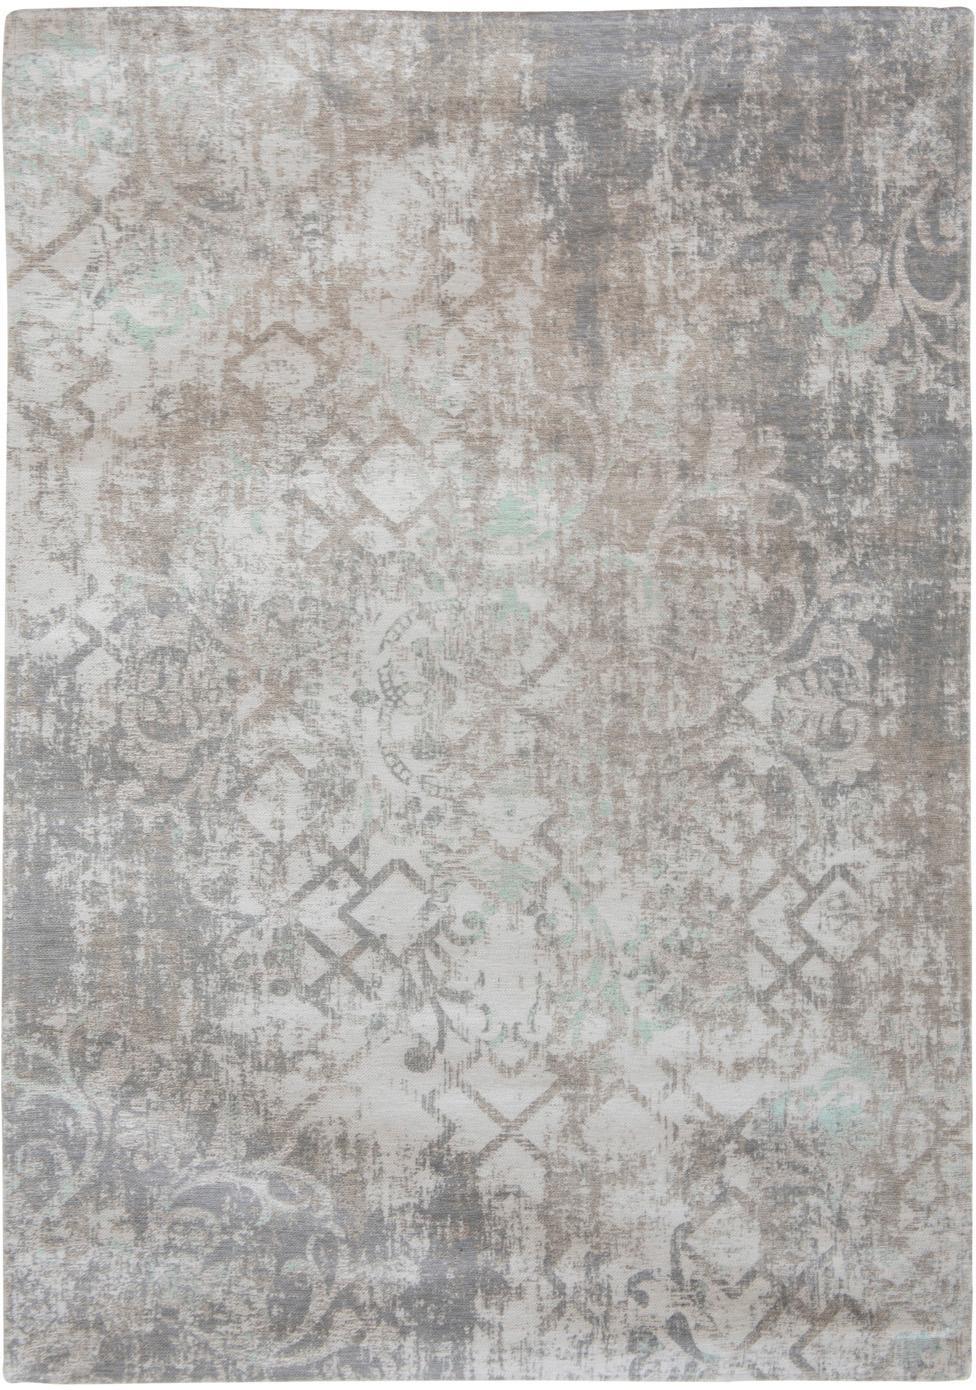 Vintage Chenilleteppich Babylon in Grau-Beige, Vorderseite: 100% Chenillegarn (Baumwo, Webart: Jacquard, Rückseite: Chenillegarn, latexbeschi, Grau, Beige, B 230 x L 330 cm (Größe L)